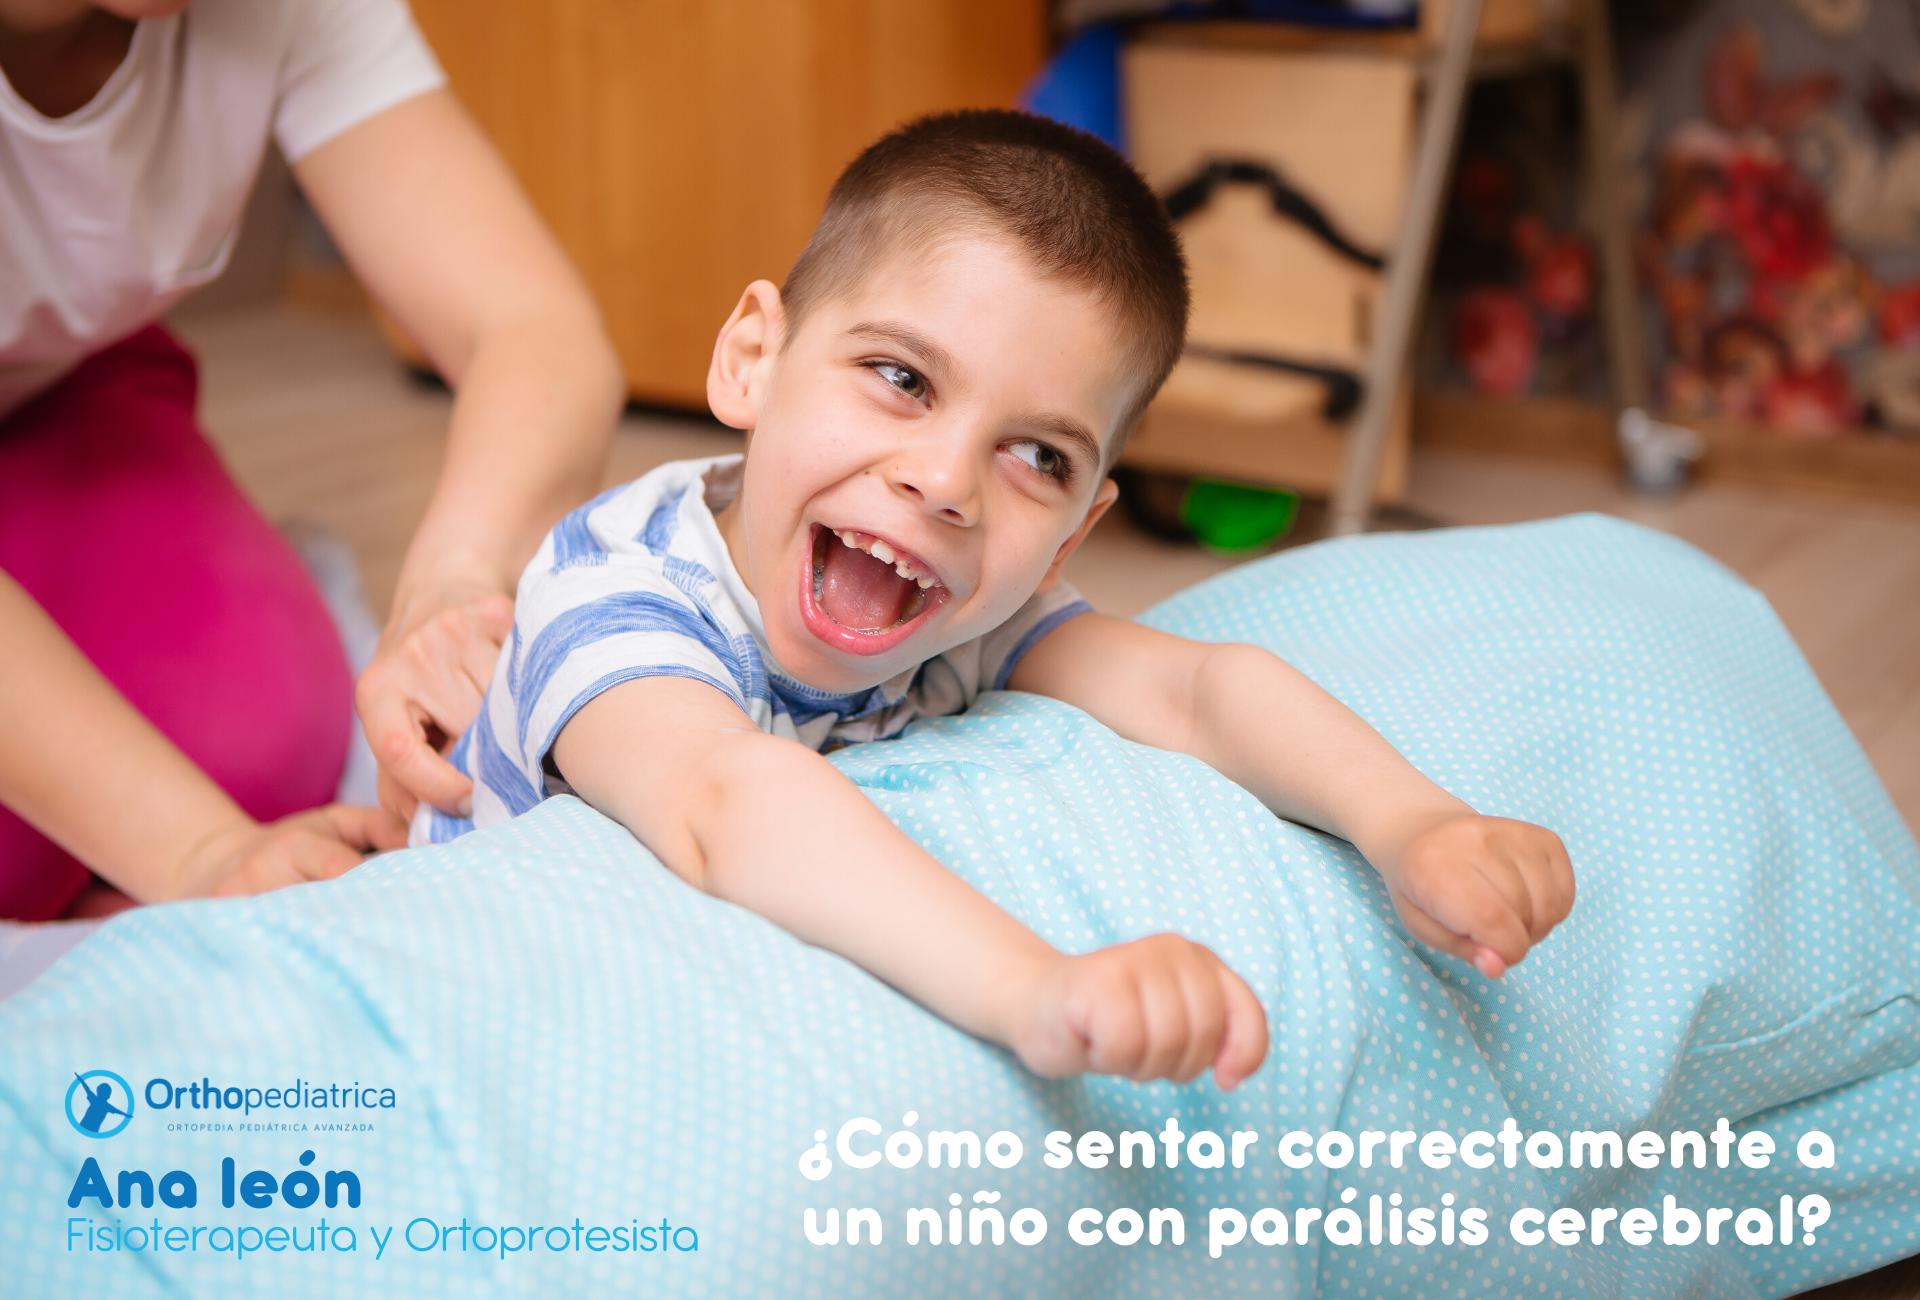 Foto de un niño con parálisis cerebral